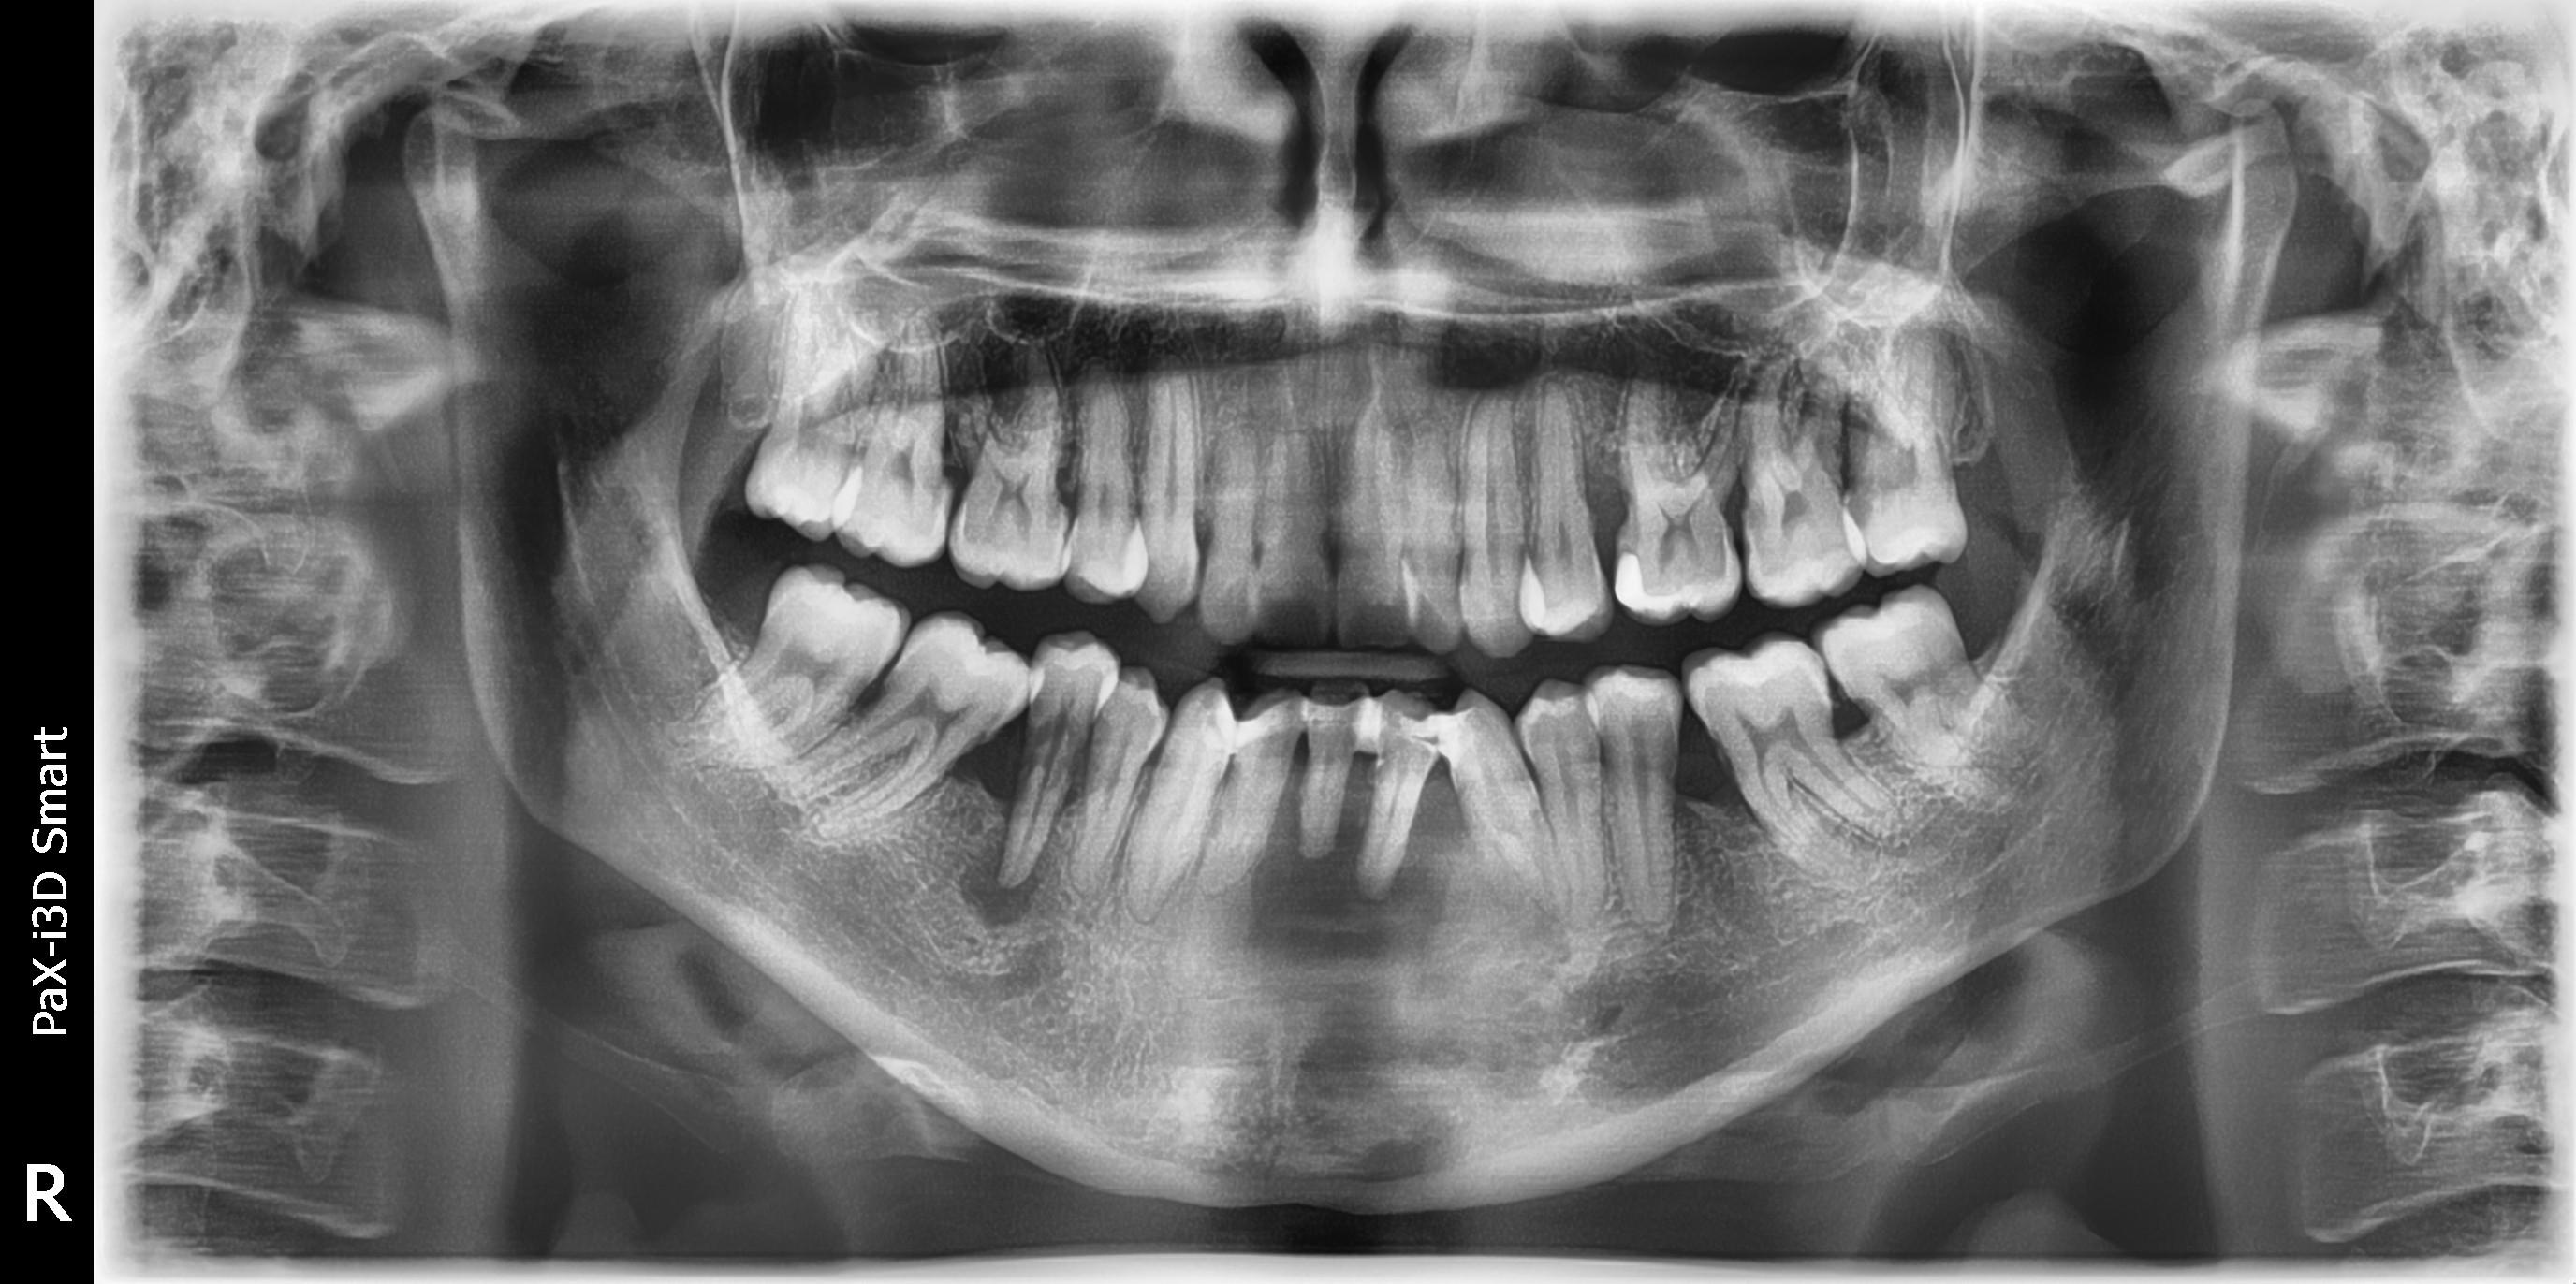 Ho 25 anni e mi è stata diagnosticata parodontite di tipo medio grave